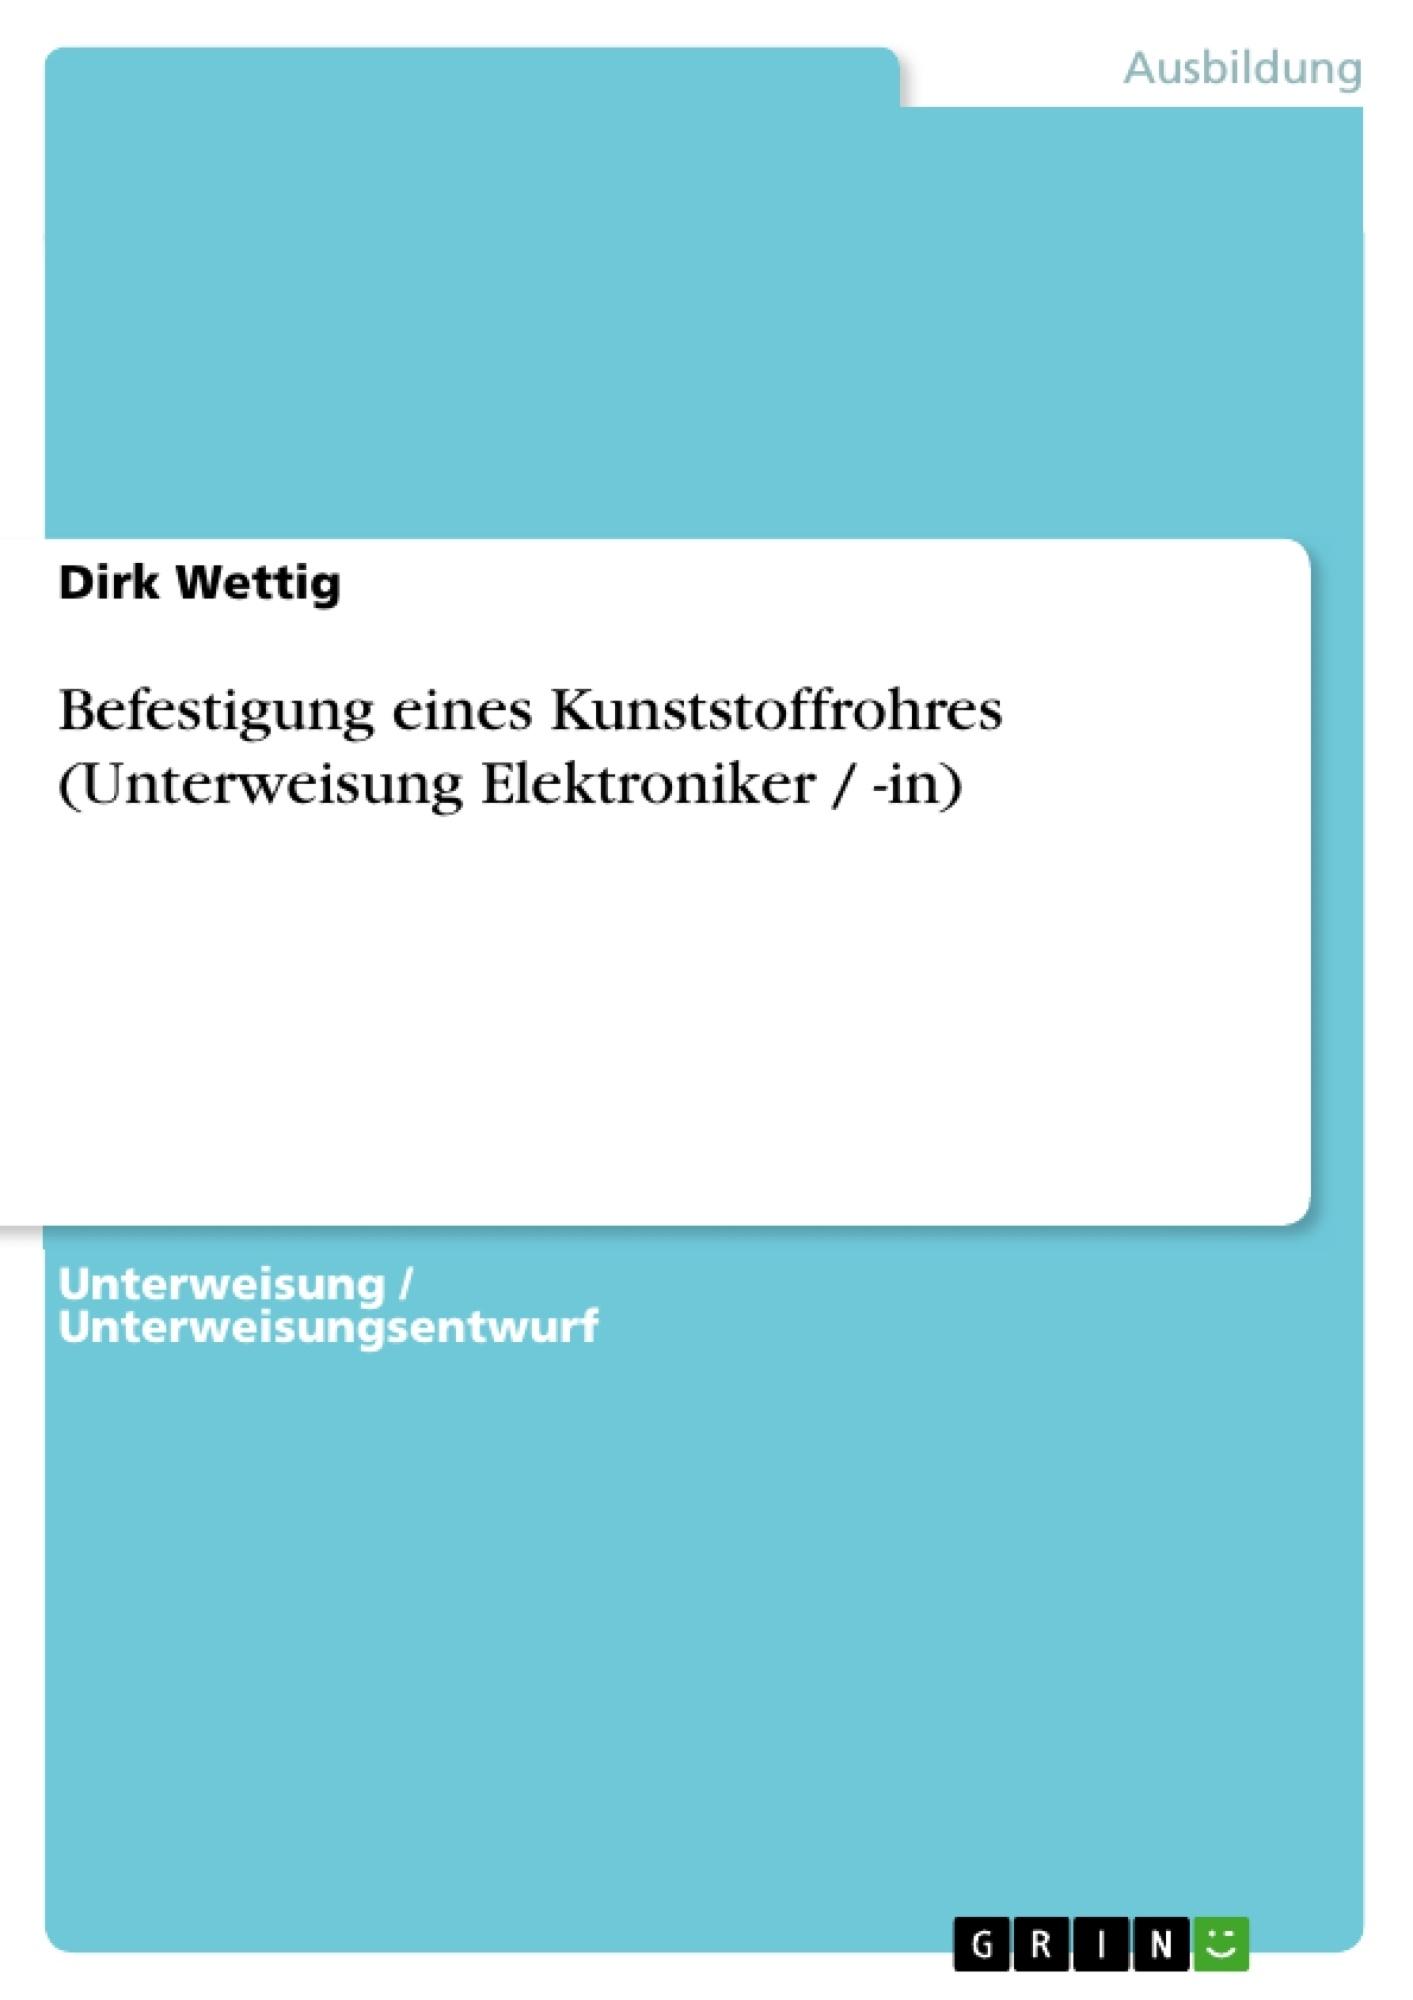 Titel: Befestigung eines Kunststoffrohres (Unterweisung Elektroniker / -in)